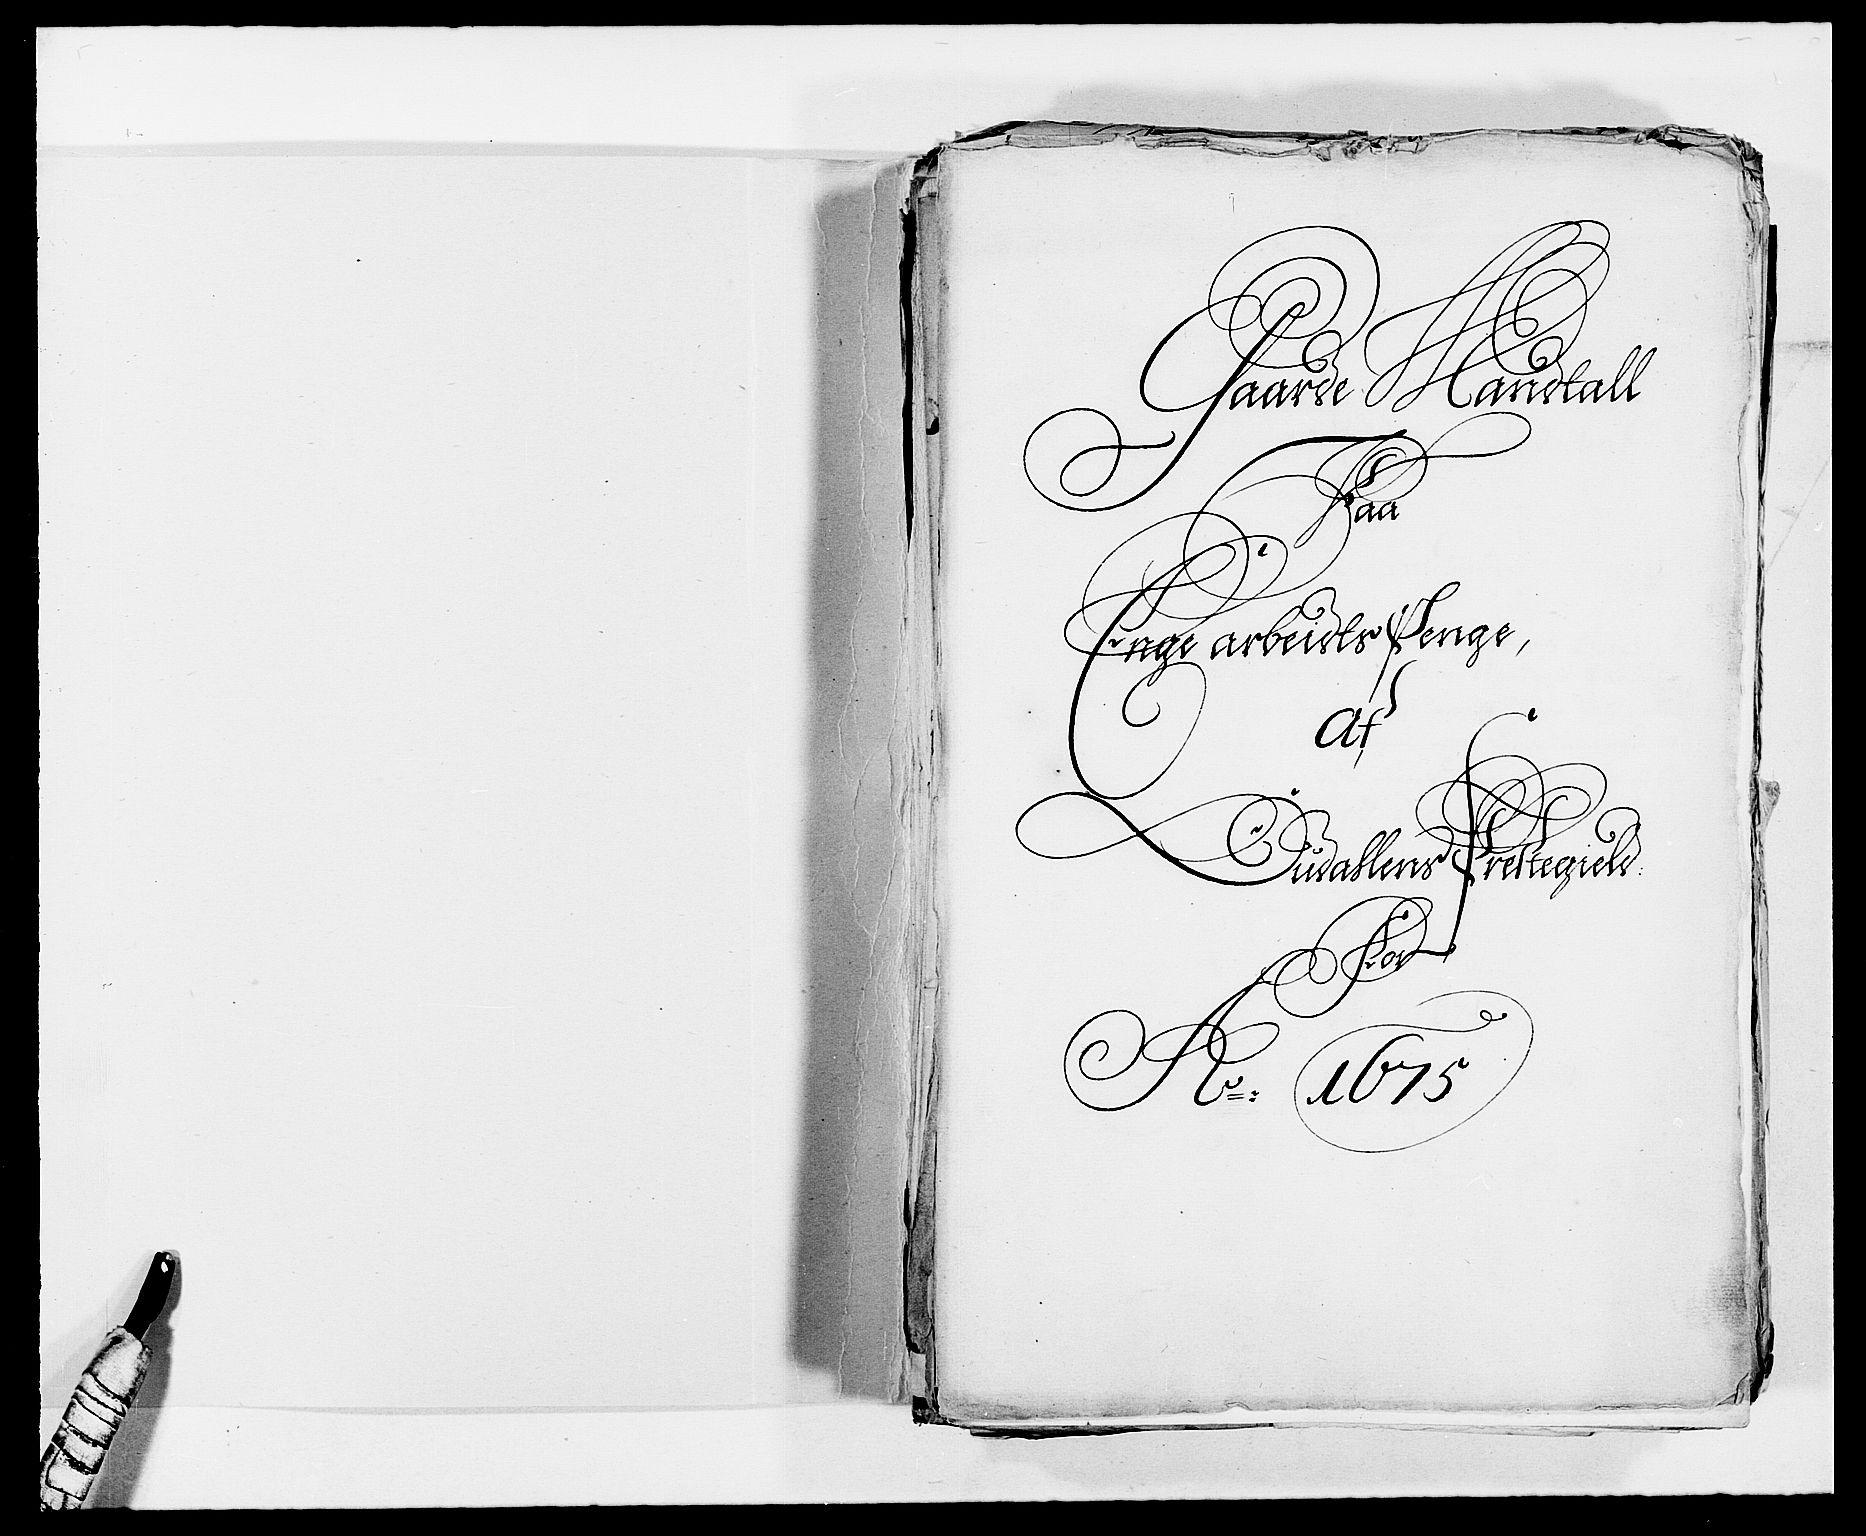 RA, Rentekammeret inntil 1814, Reviderte regnskaper, Fogderegnskap, R13/L0808: Fogderegnskap Solør, Odal og Østerdal, 1675, s. 44